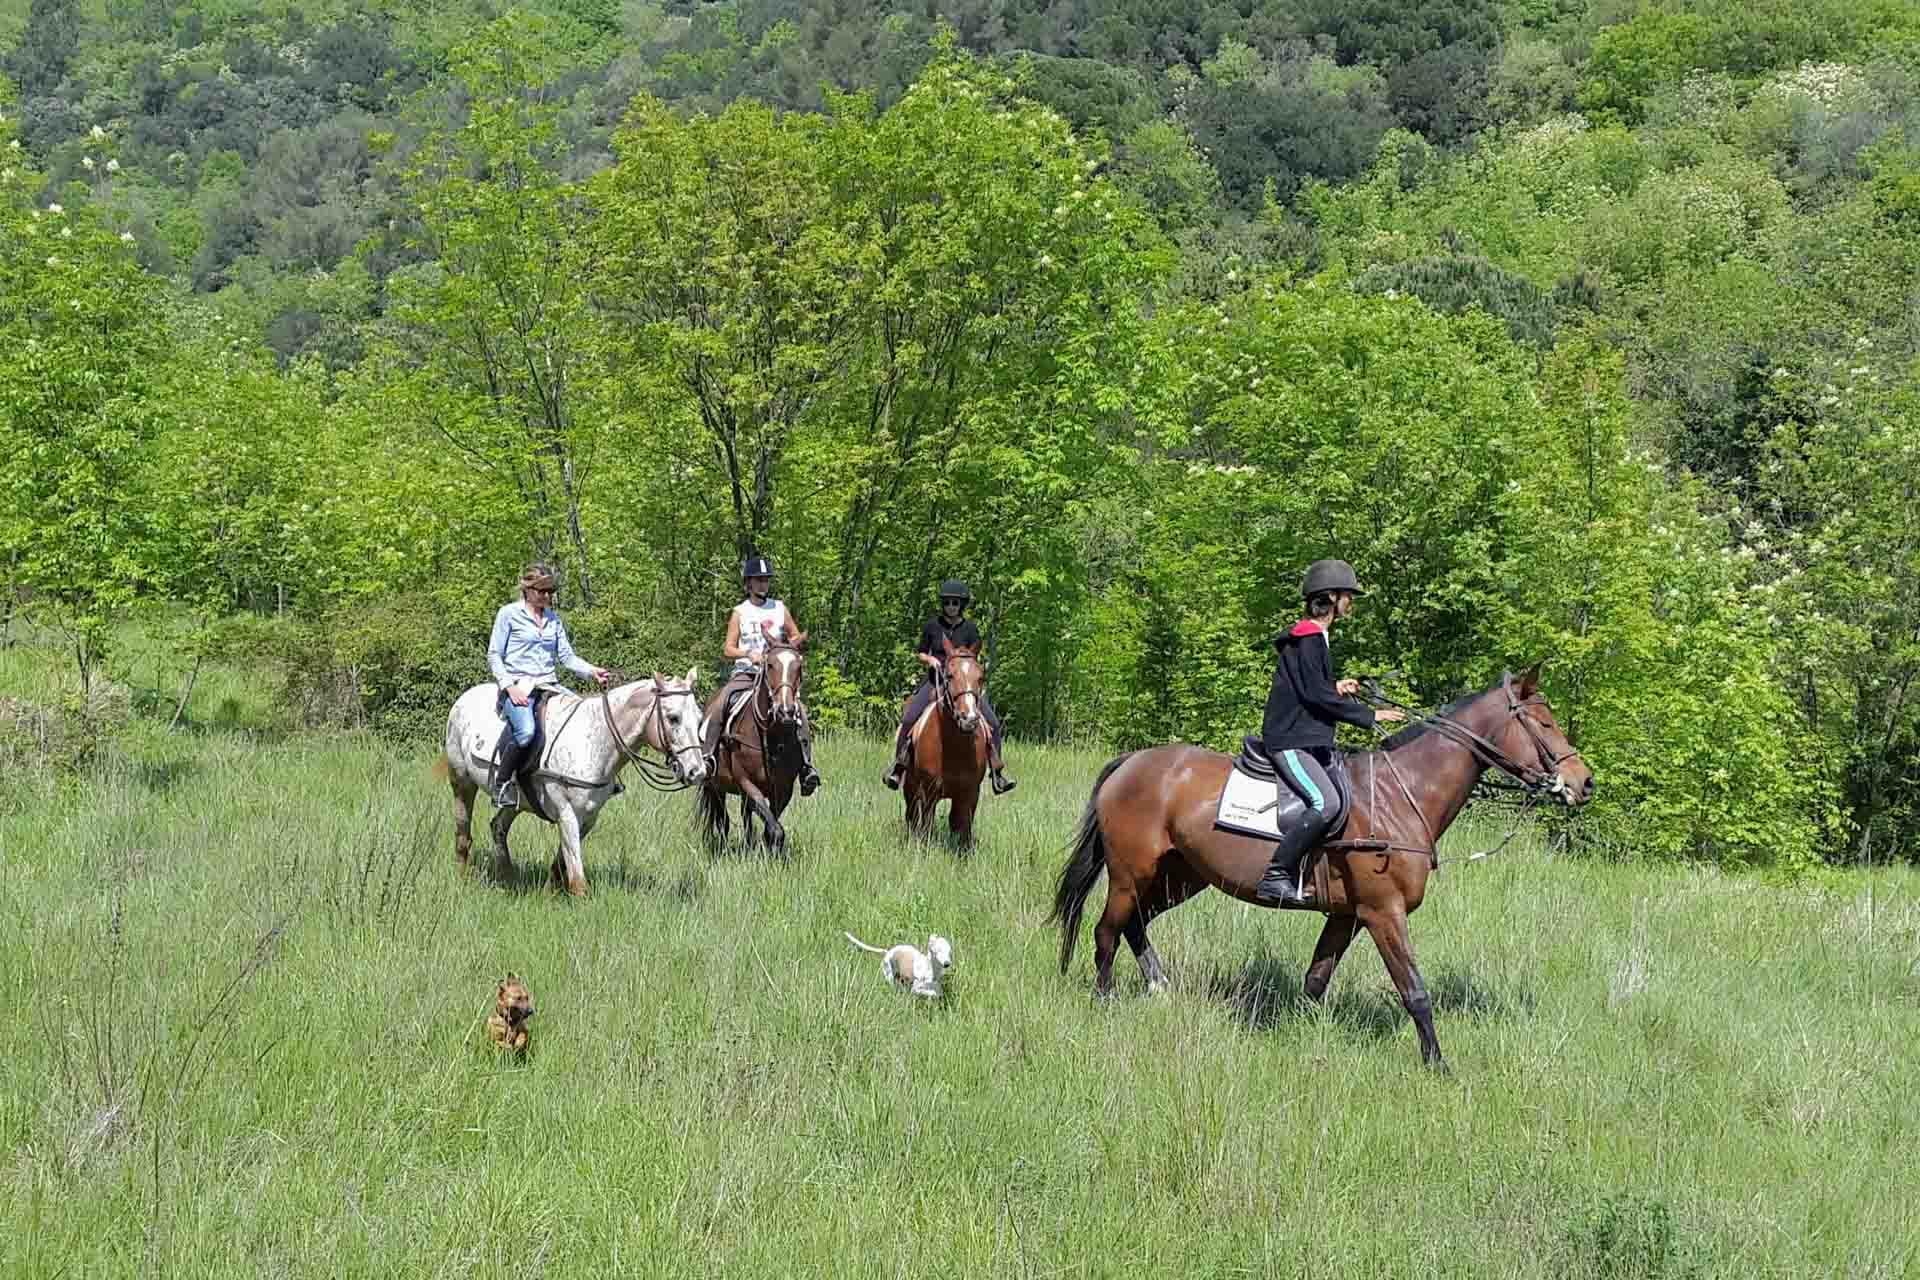 Sport-outdoor-equitazione-finale-ligure-passeggiate-cavallo-liguria-Residenza-Adelaide-005